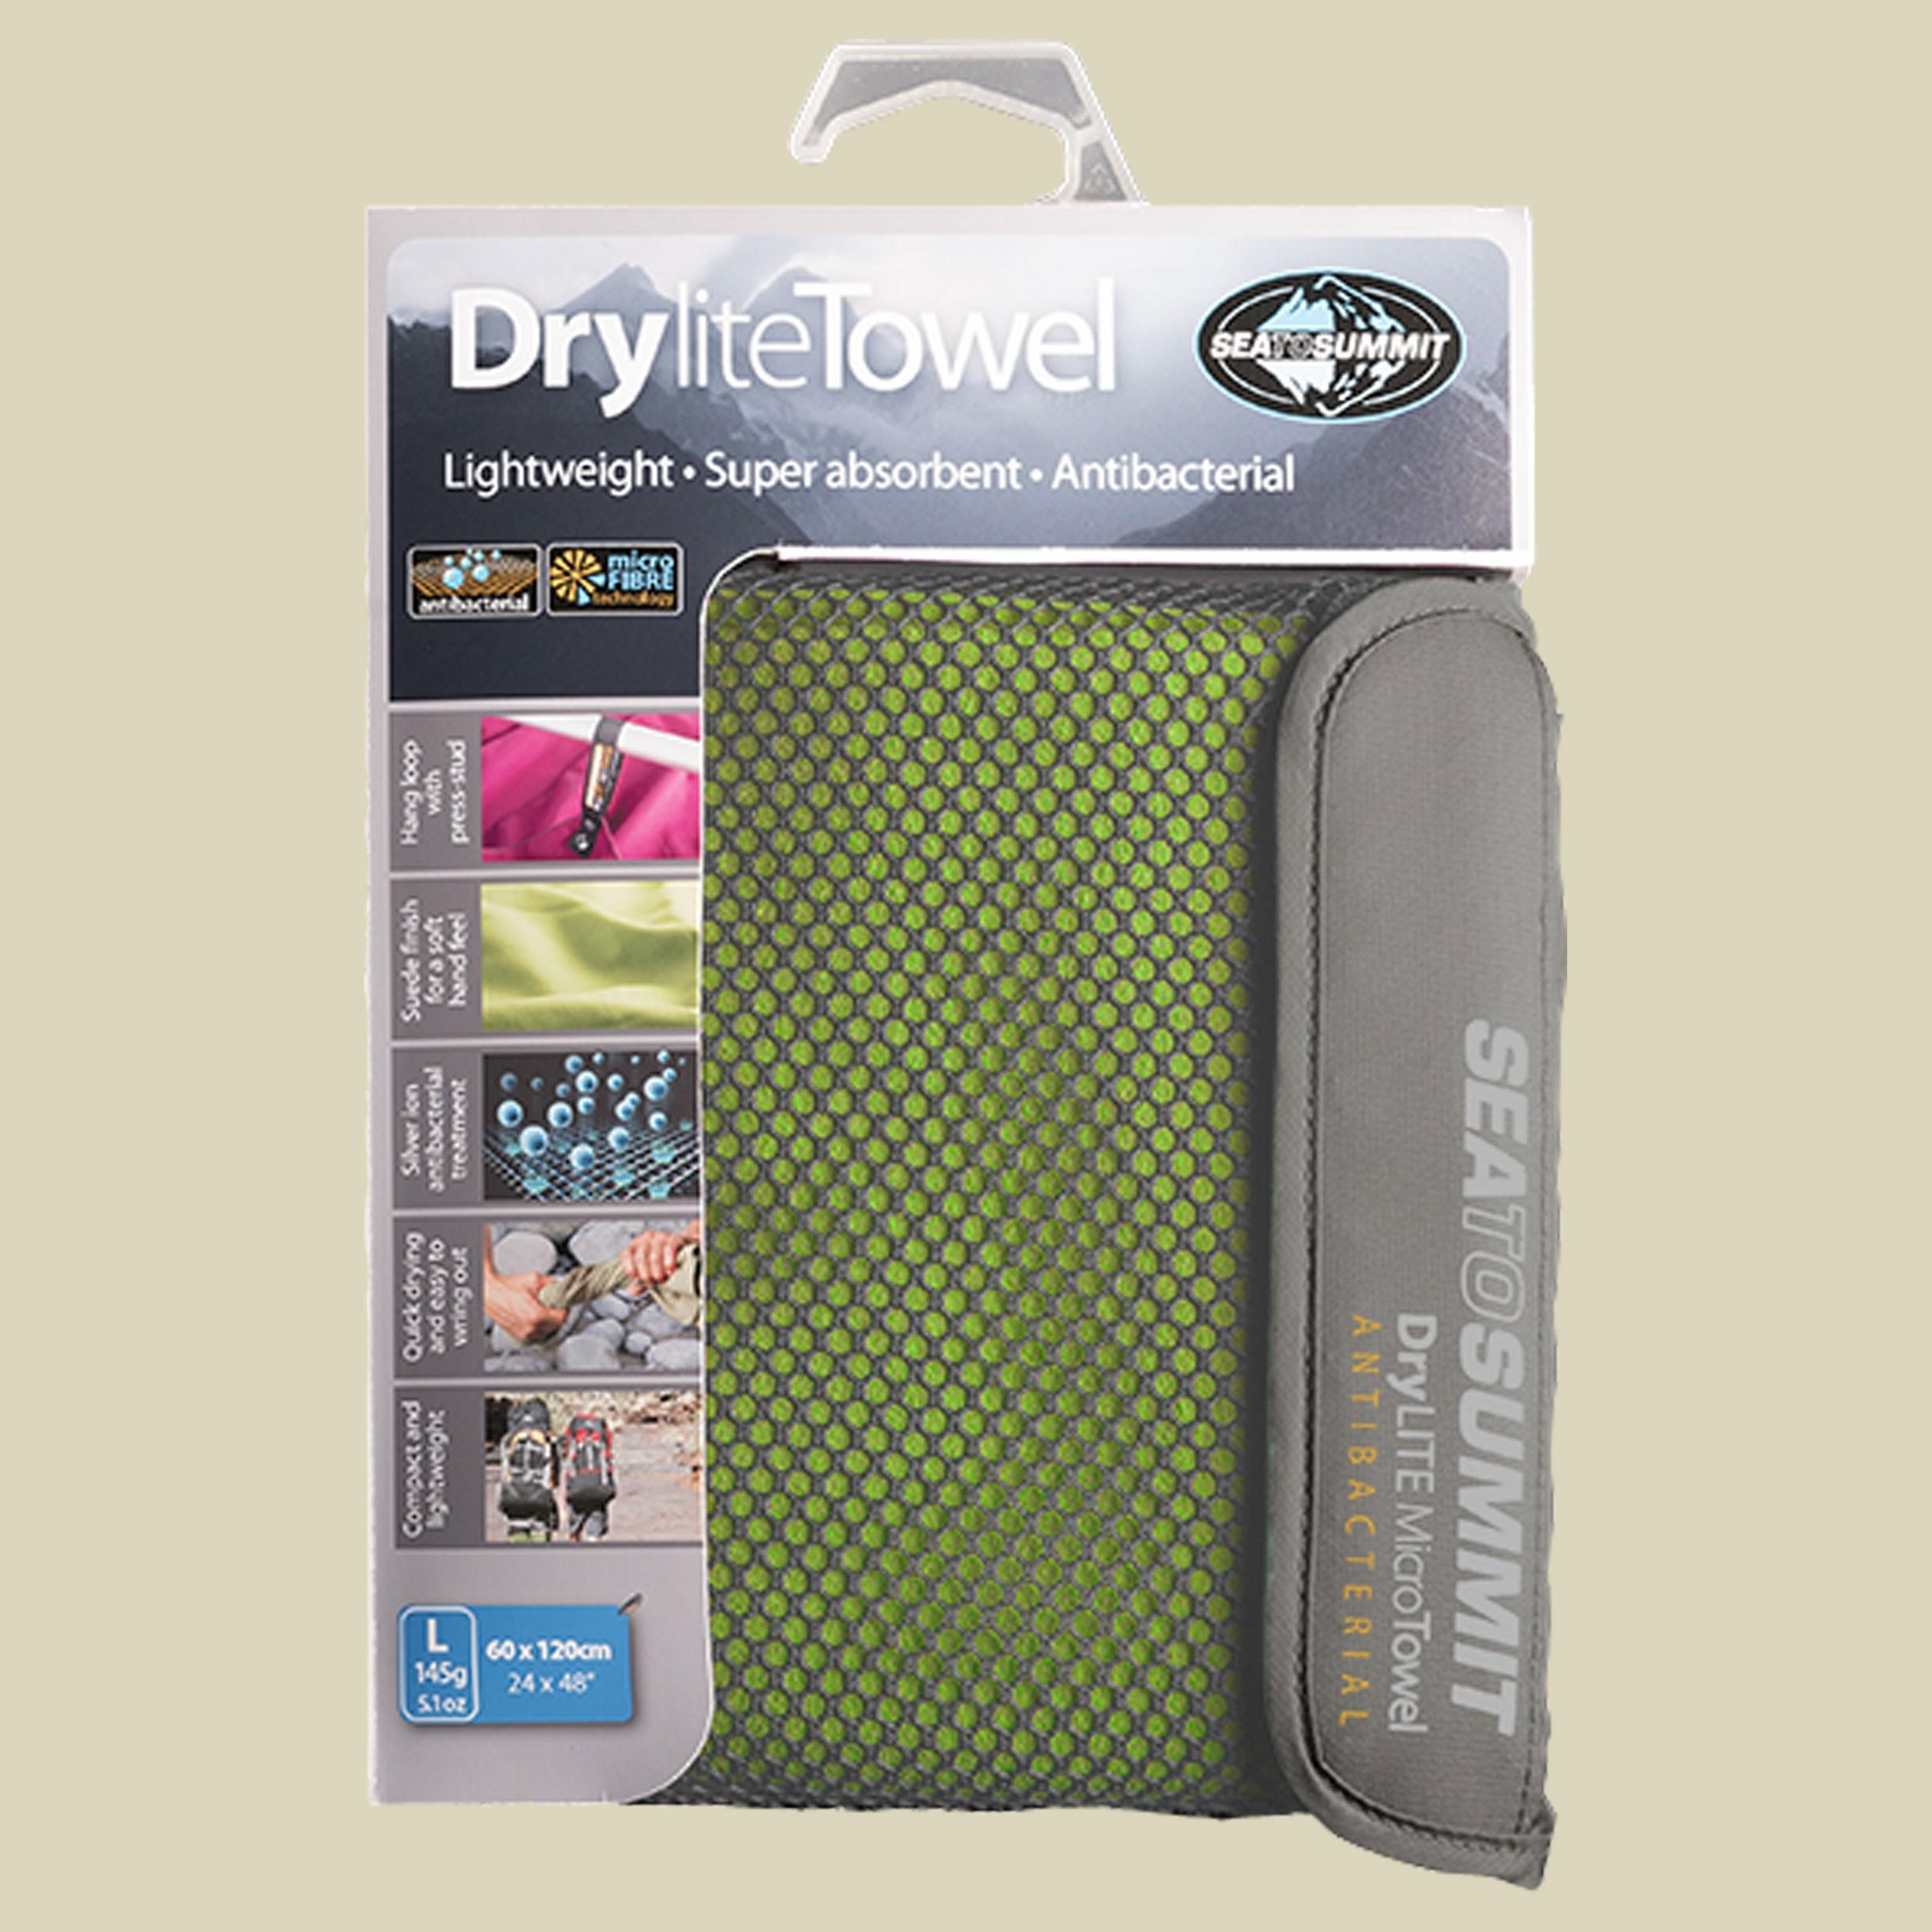 Drylite Towel